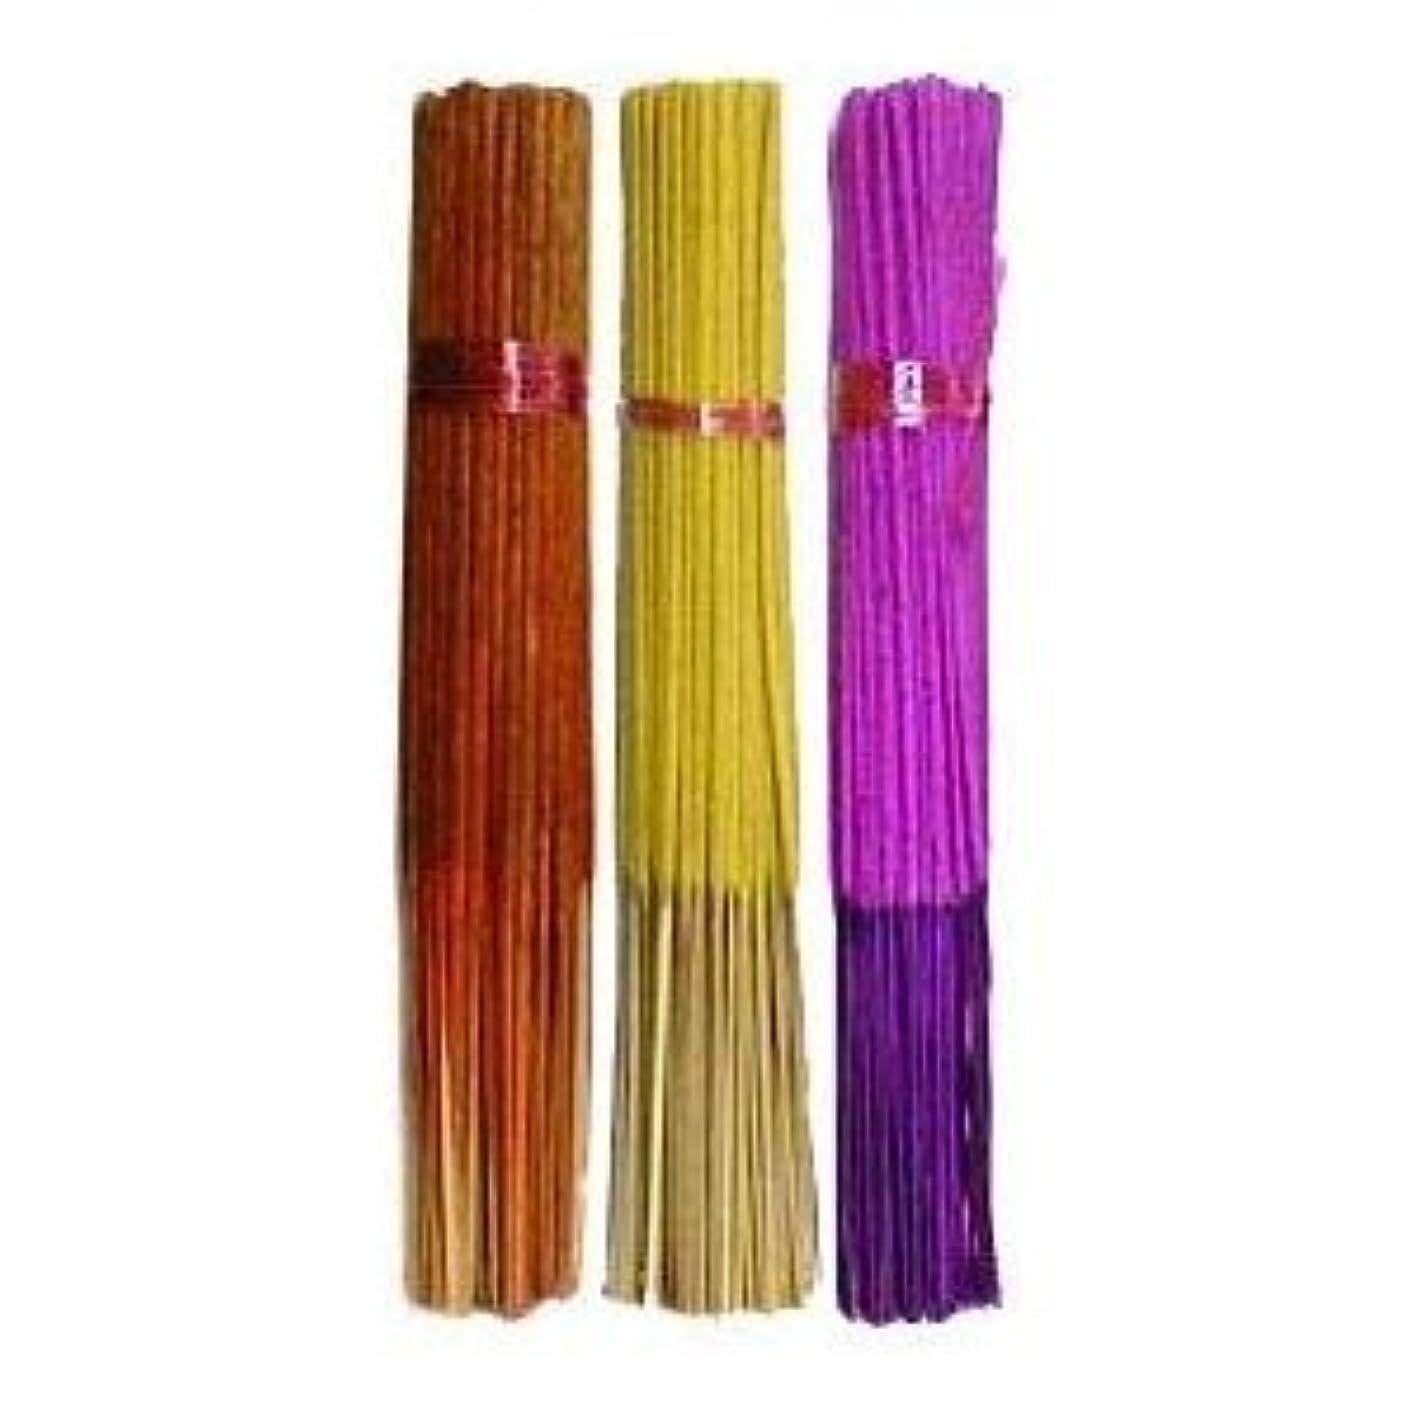 光電樹皮子豚Tommy Girlタイプ – 100スティックバルクパックのin-scents Incense